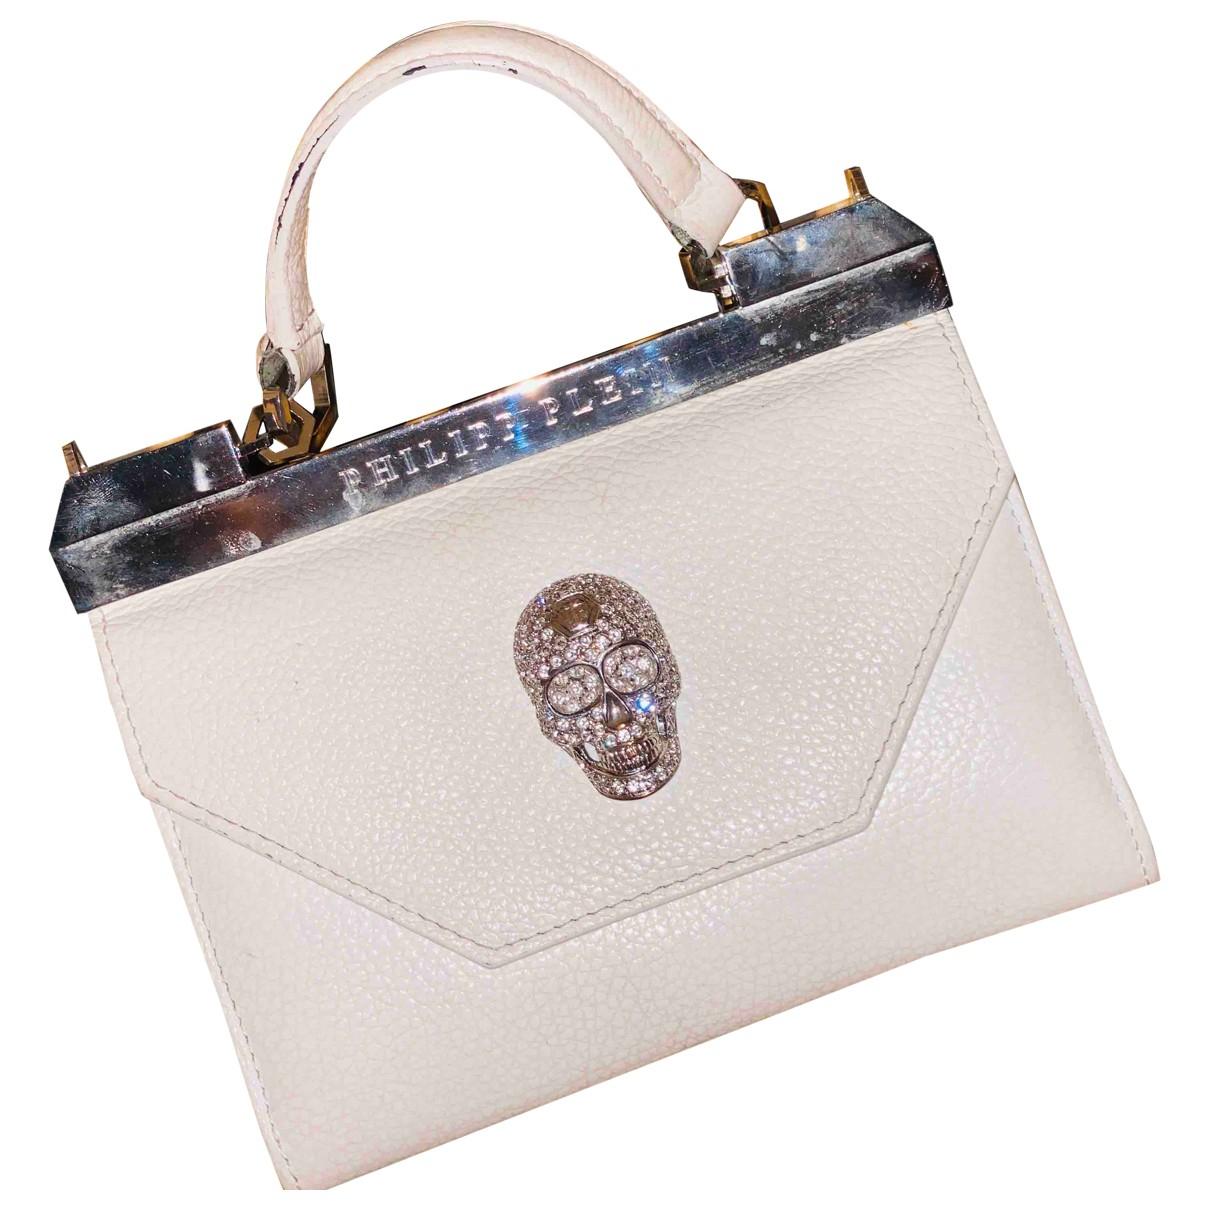 Philipp Plein N White Leather handbag for Women N